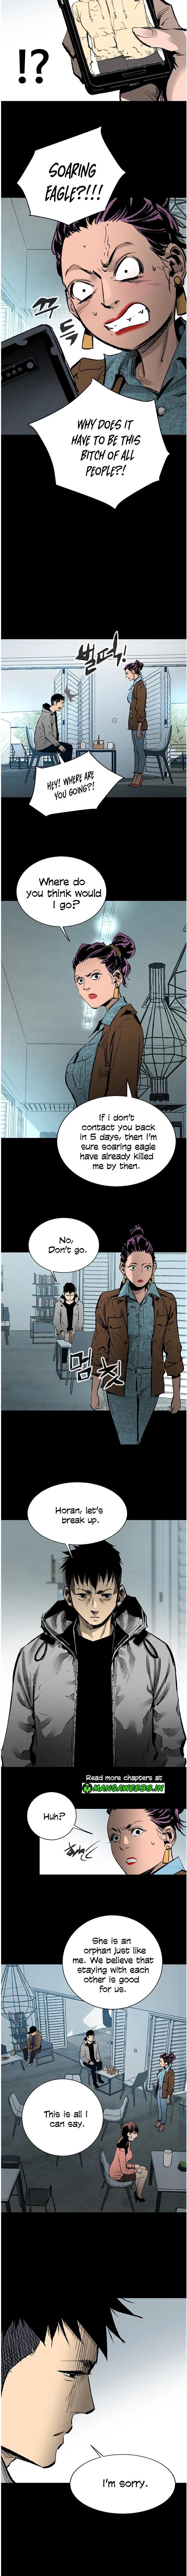 Gosam Mussang Chapter 33 page 9 - Mangakakalots.com